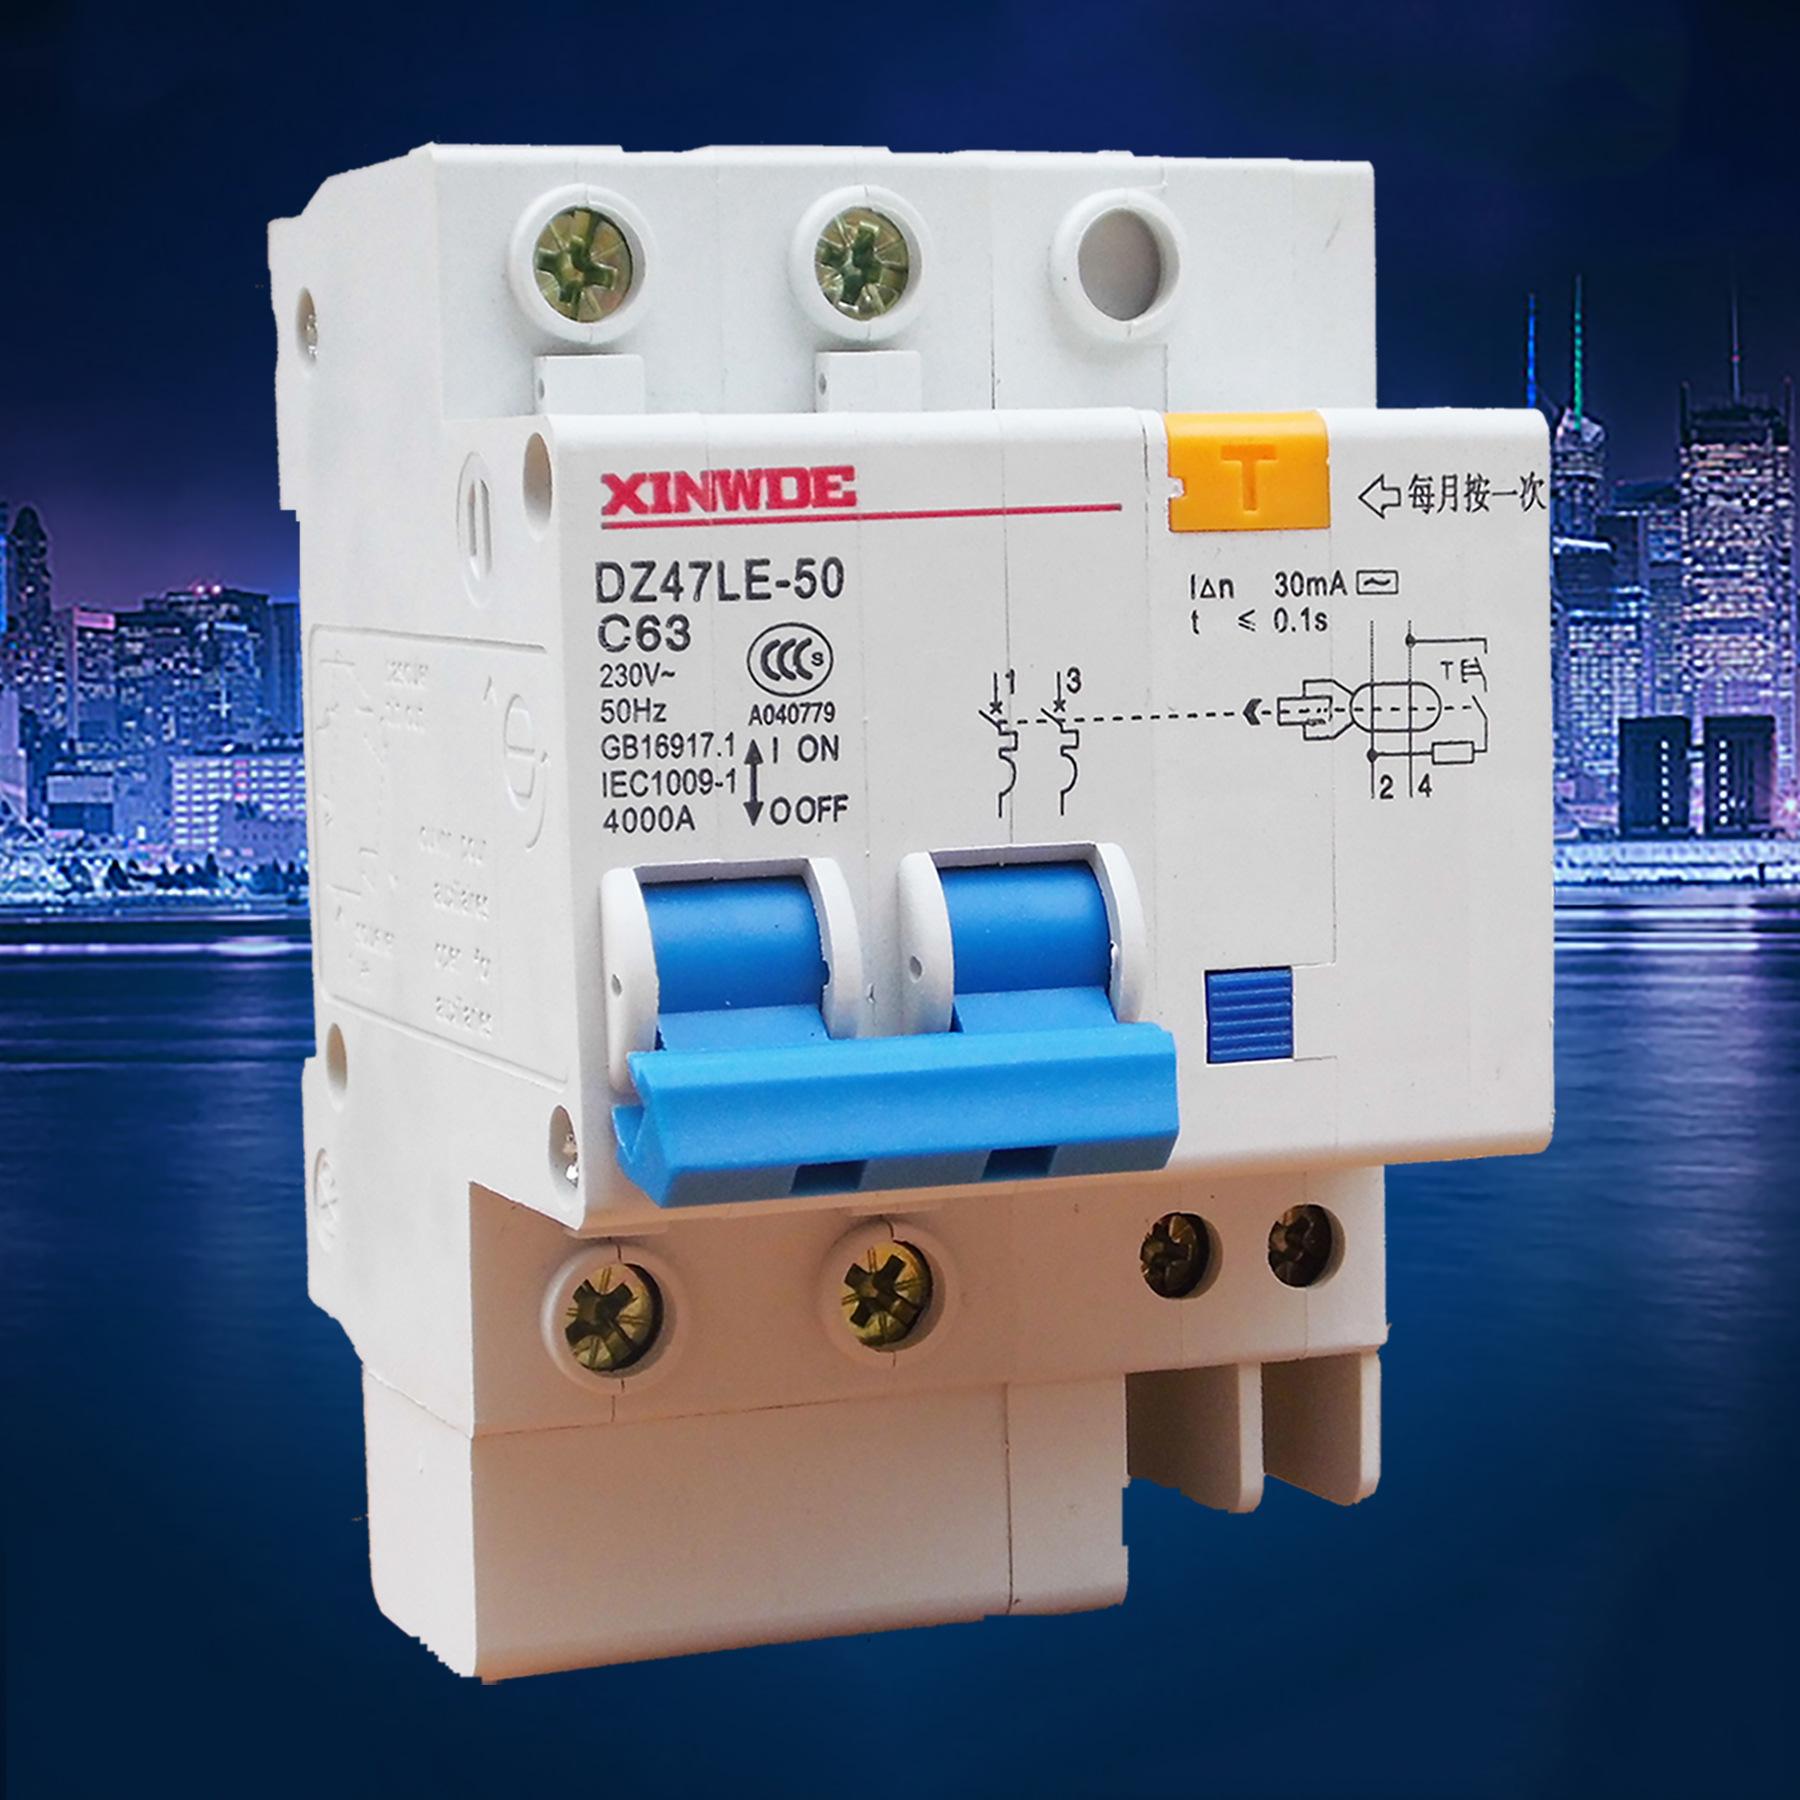 Thiết bị ngắt mạch bảo vệ chống rò rỉ 32A / DZ47LE-63 2P c45